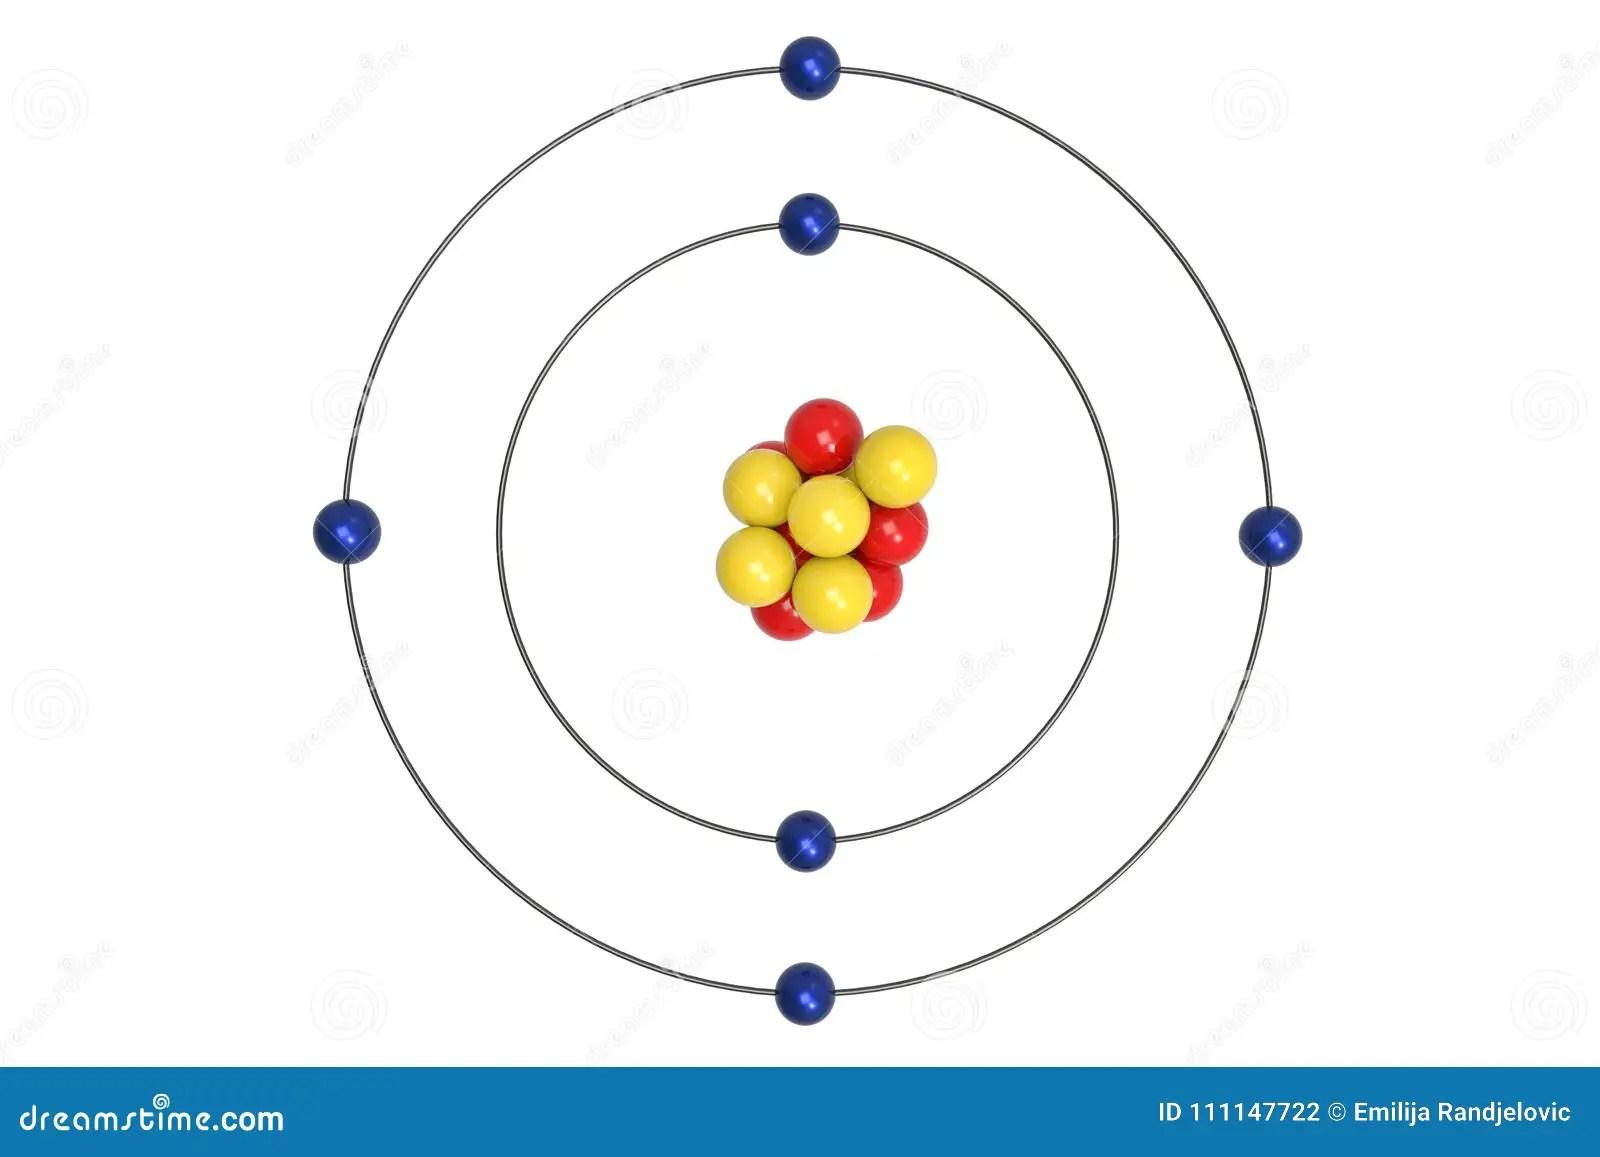 Carbon Atom Bohr Model With Proton Neutron And Electron